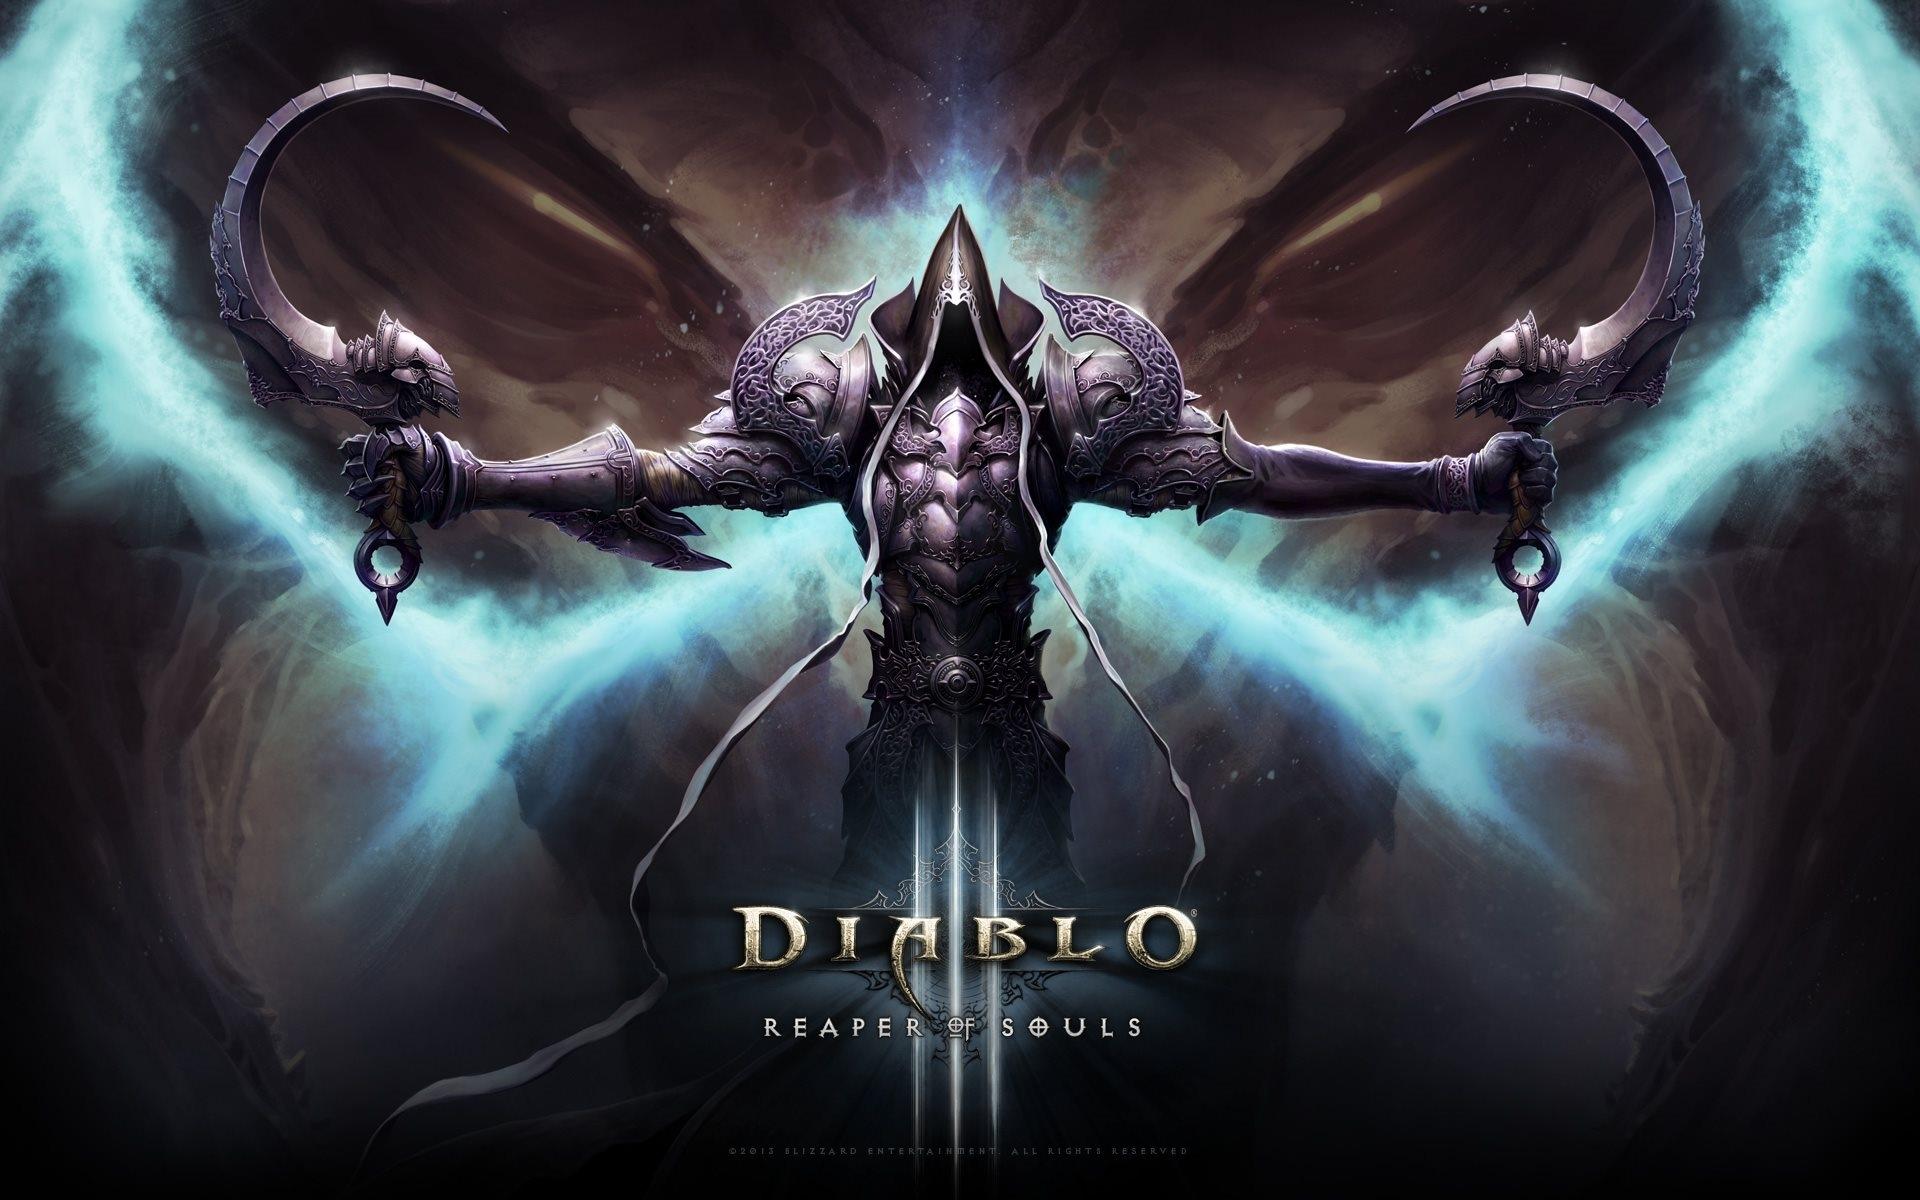 diablo iii: reaper of souls full hd fond d'écran and arrière-plan